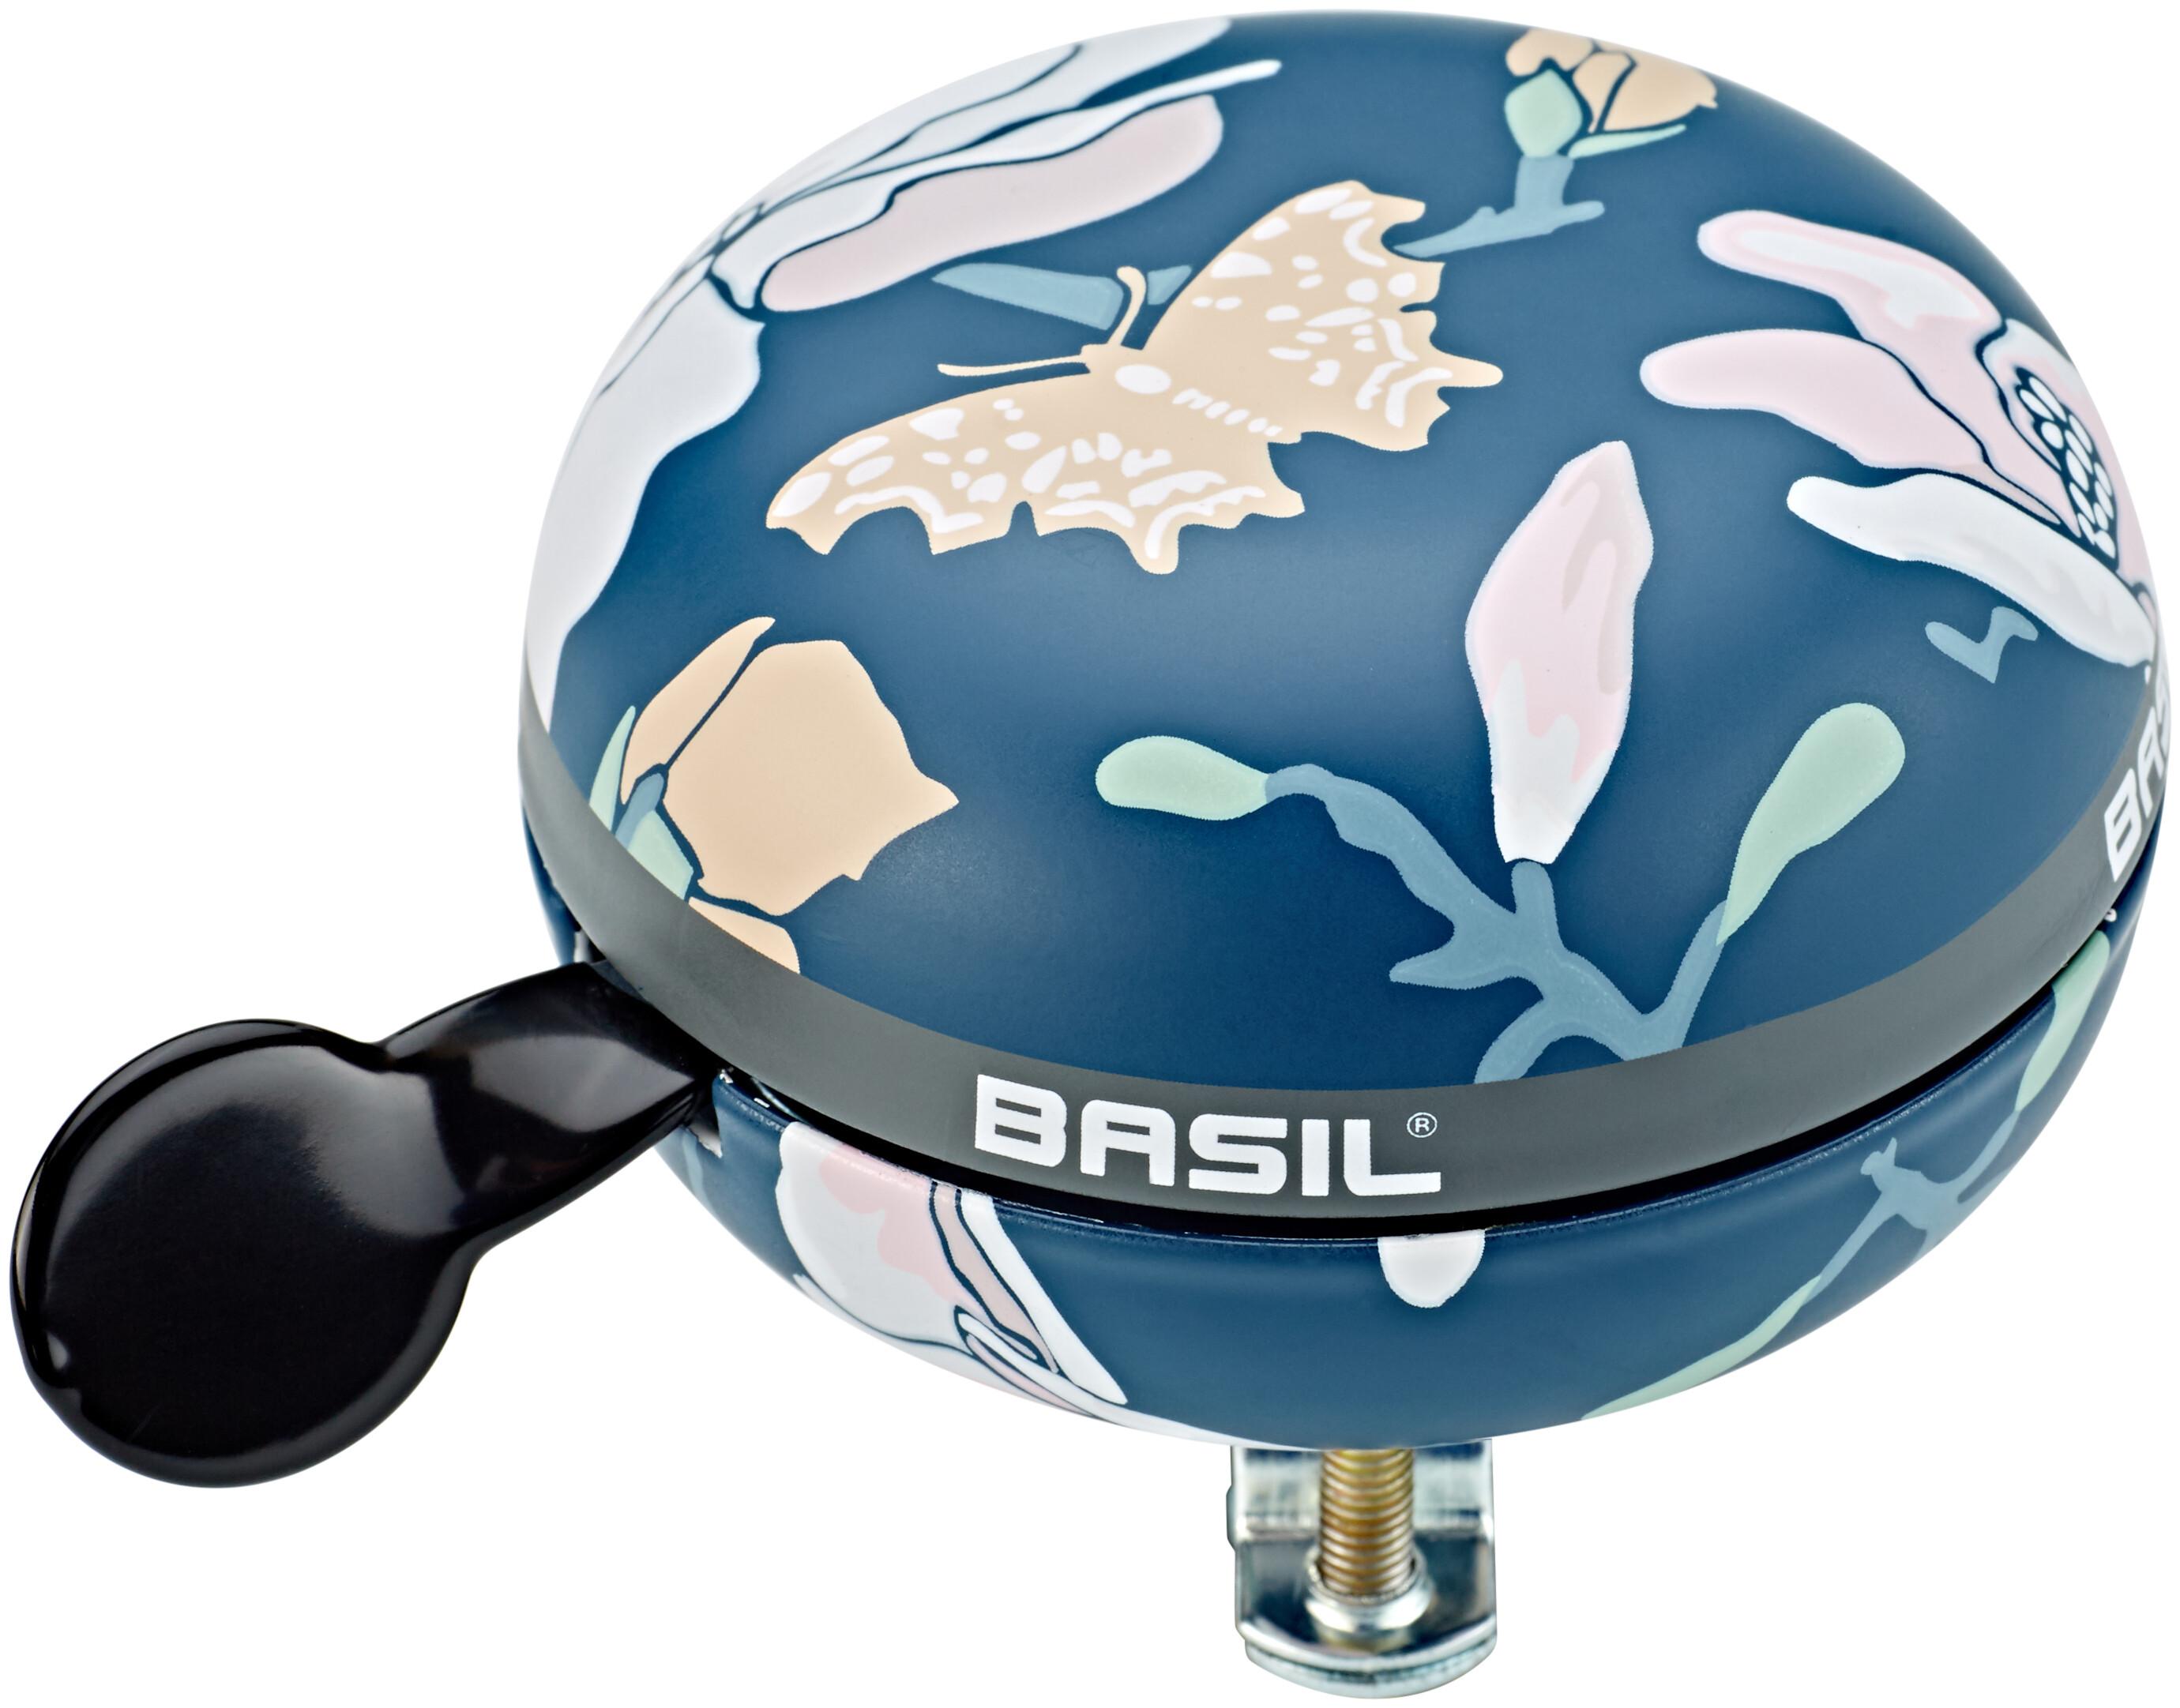 Vélo sonnette Basil Magnolia Big Bell-Blackberry